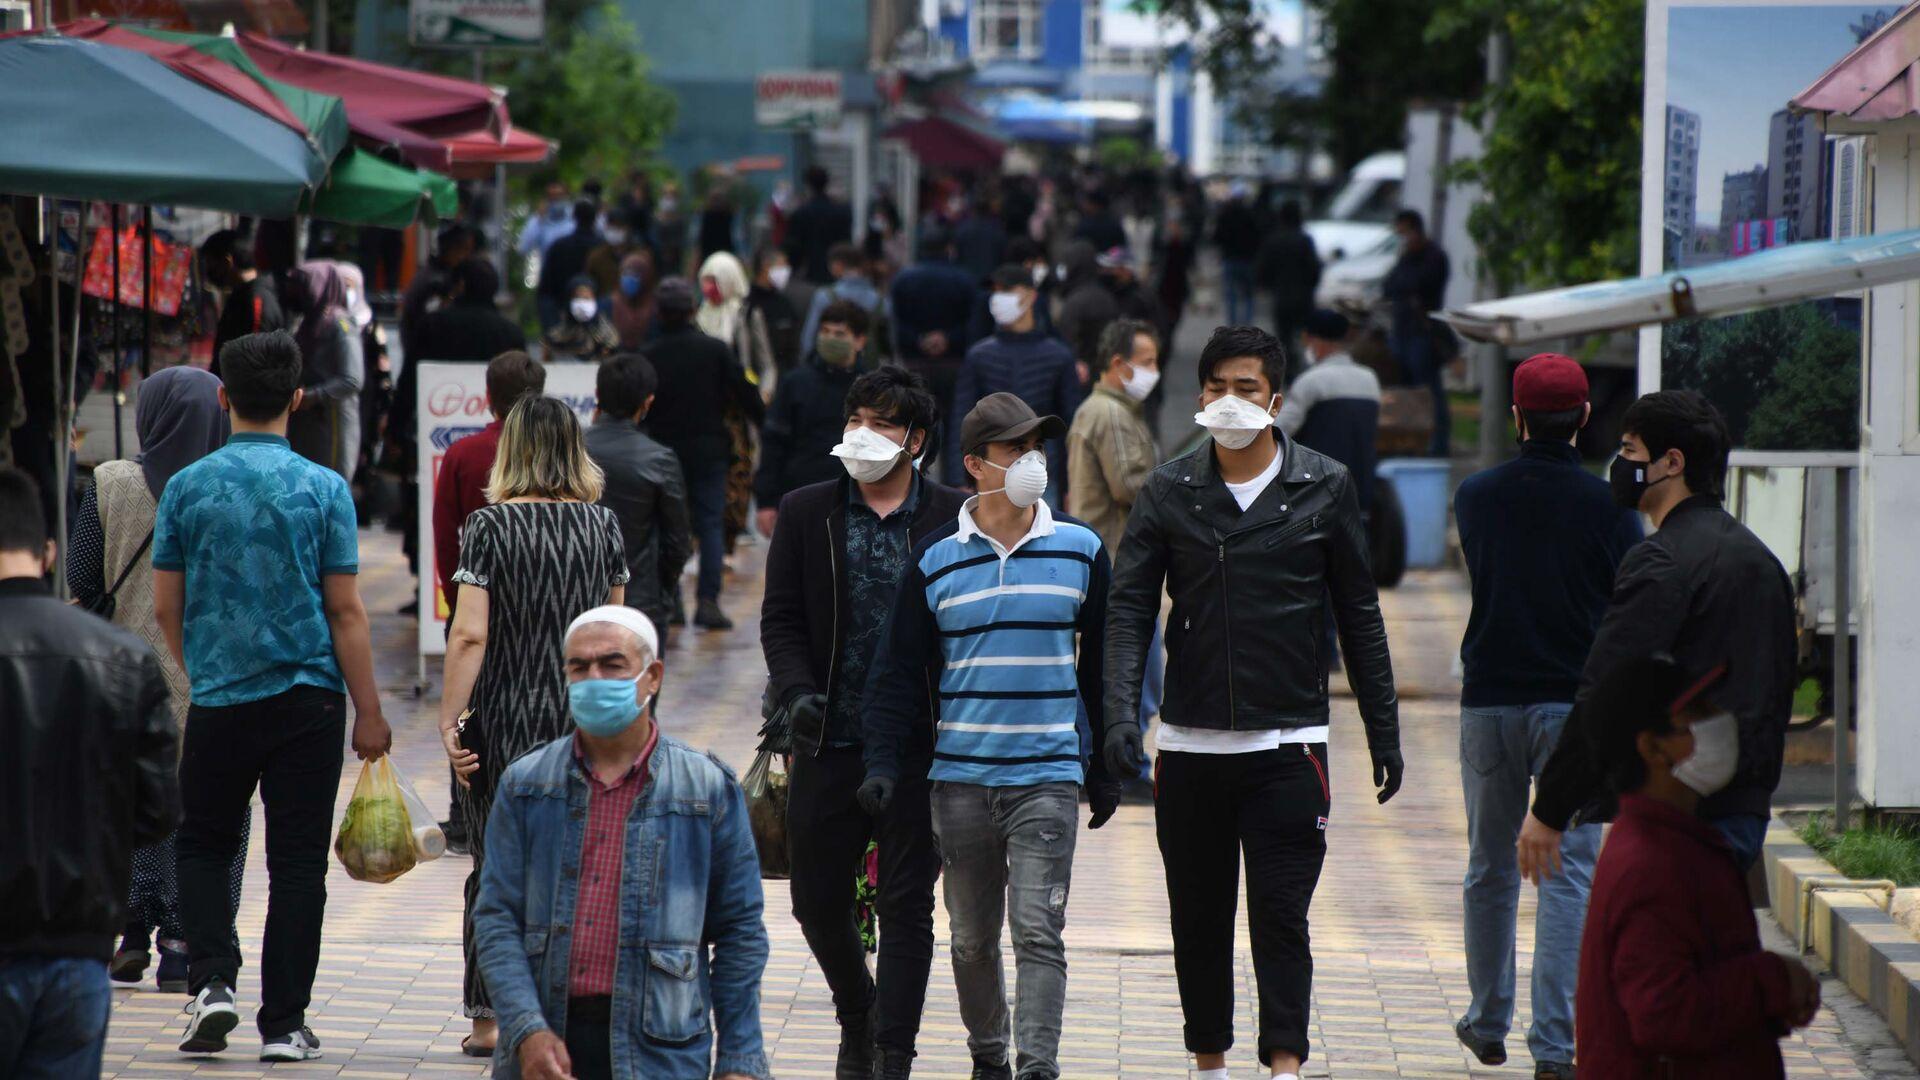 Жители города Душанбе в защитных масках на улице - Sputnik Таджикистан, 1920, 11.09.2021